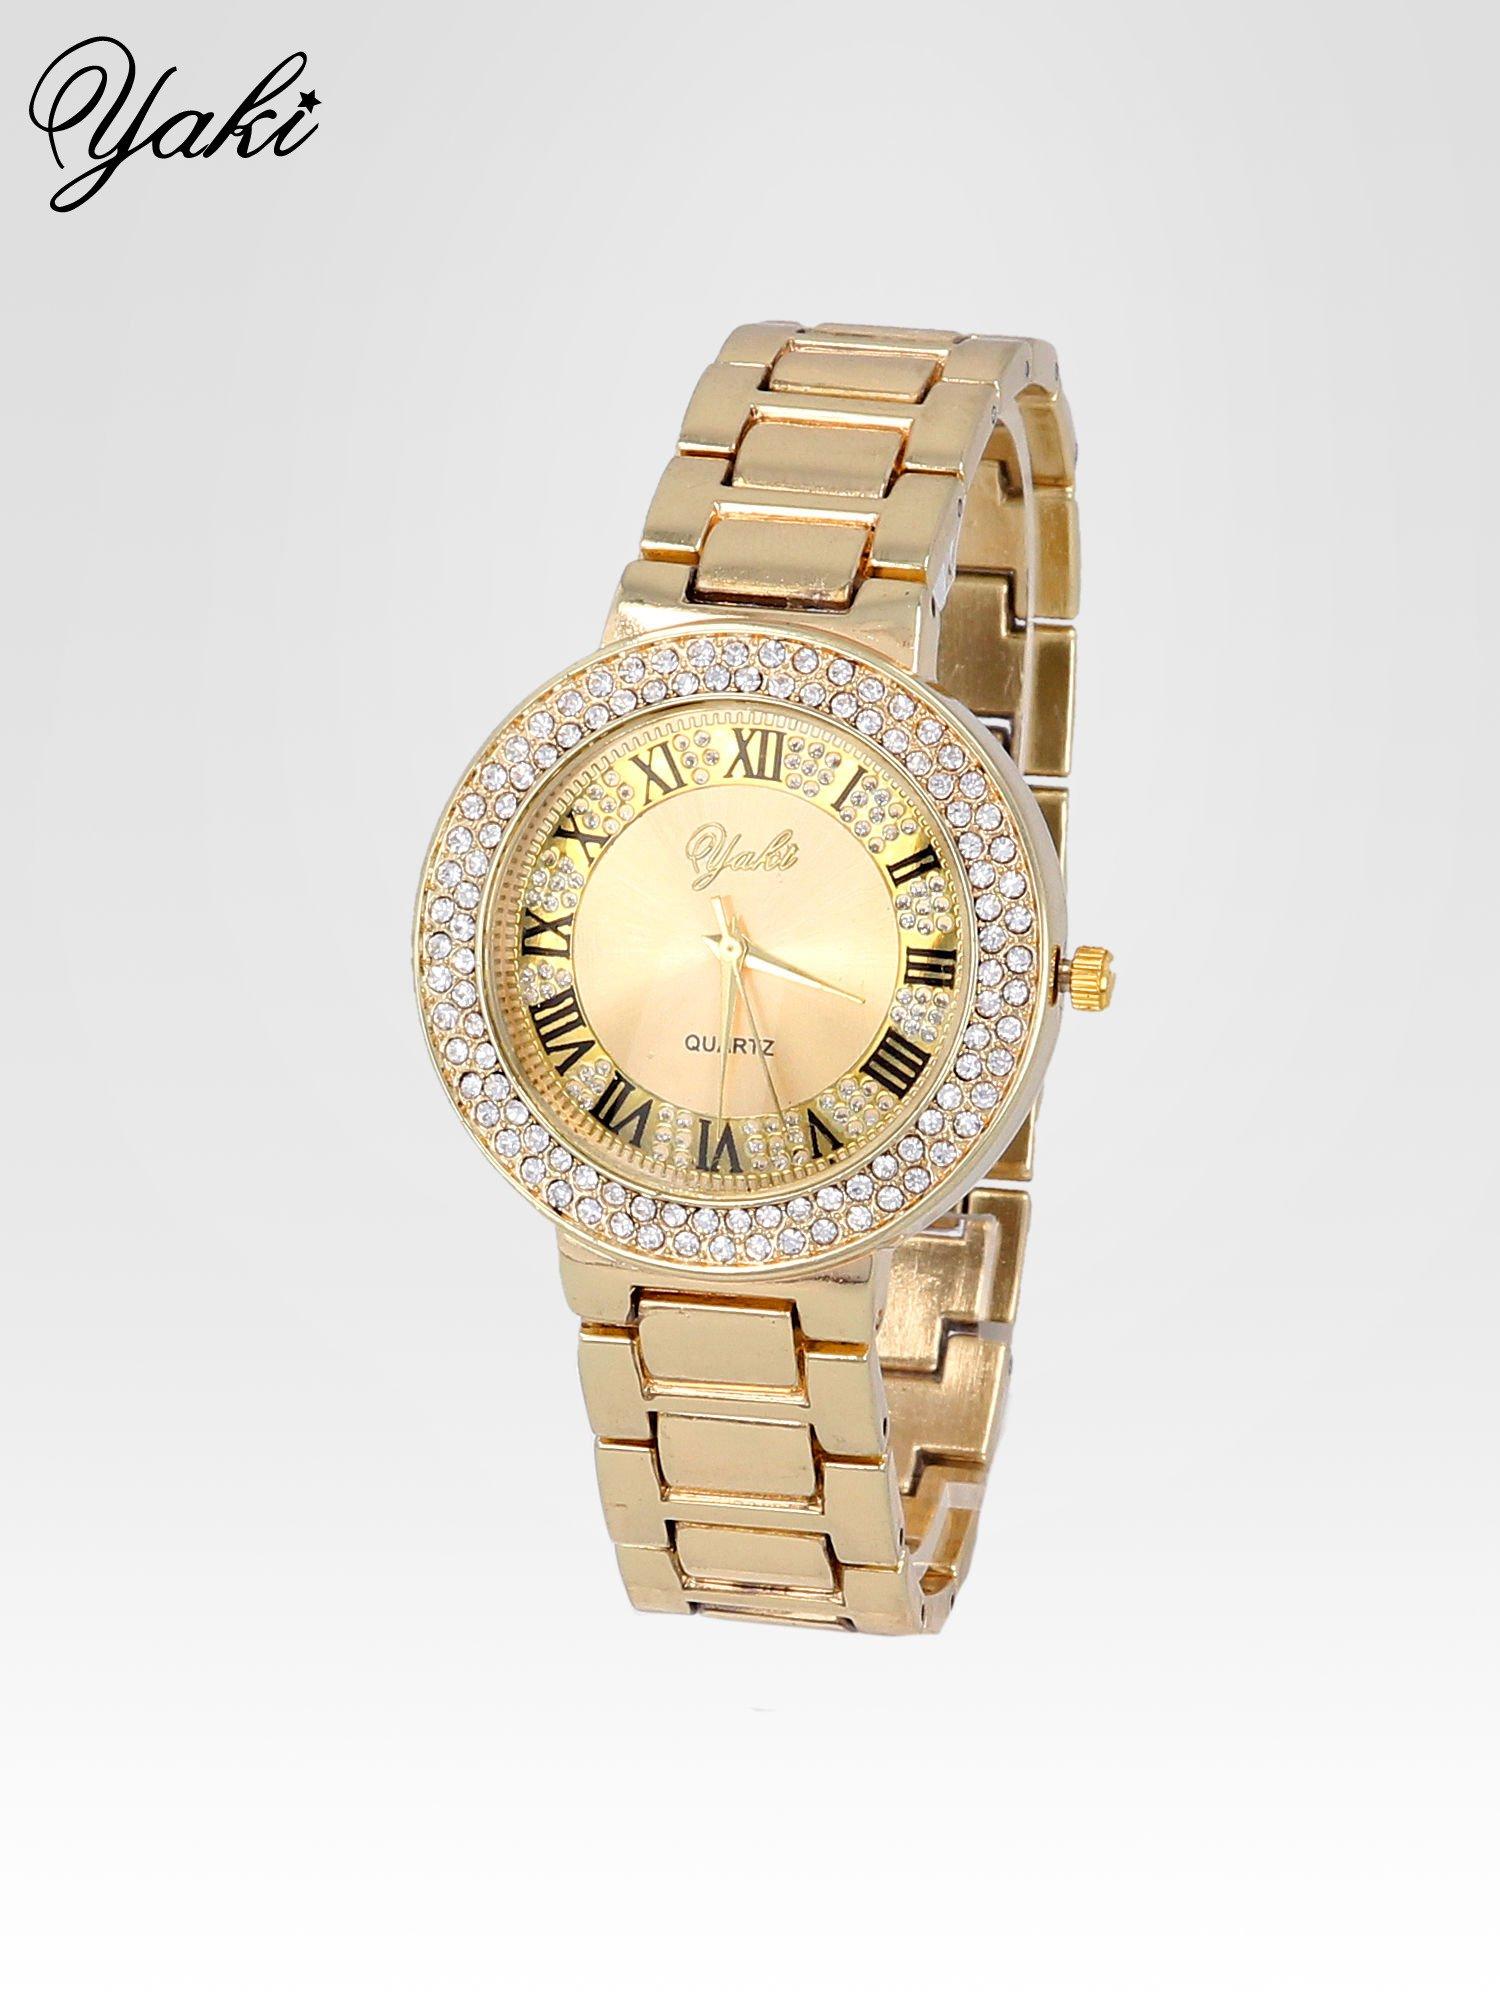 Złoty zegarek damski z bogato zdobioną tarczą cyrkoniami                                  zdj.                                  2